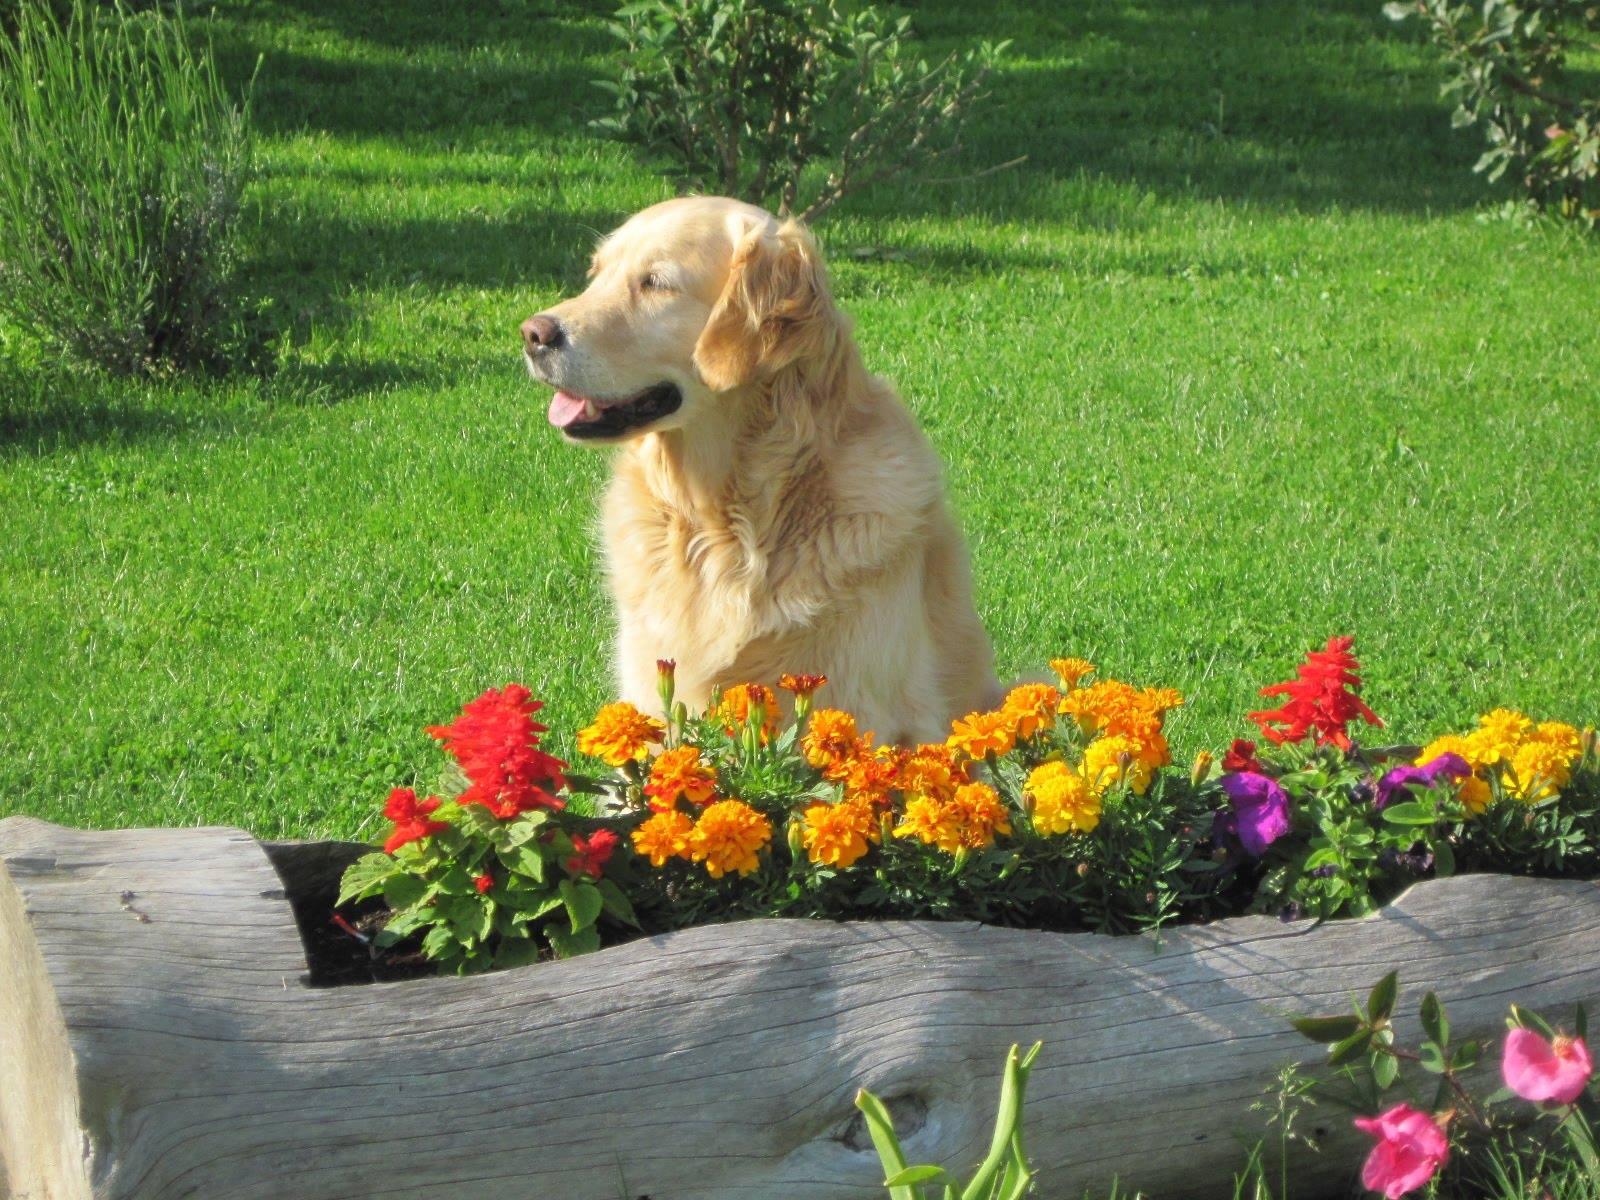 Valerio moschetti il cane non un ornamento da giardino - Giardino per cani ...